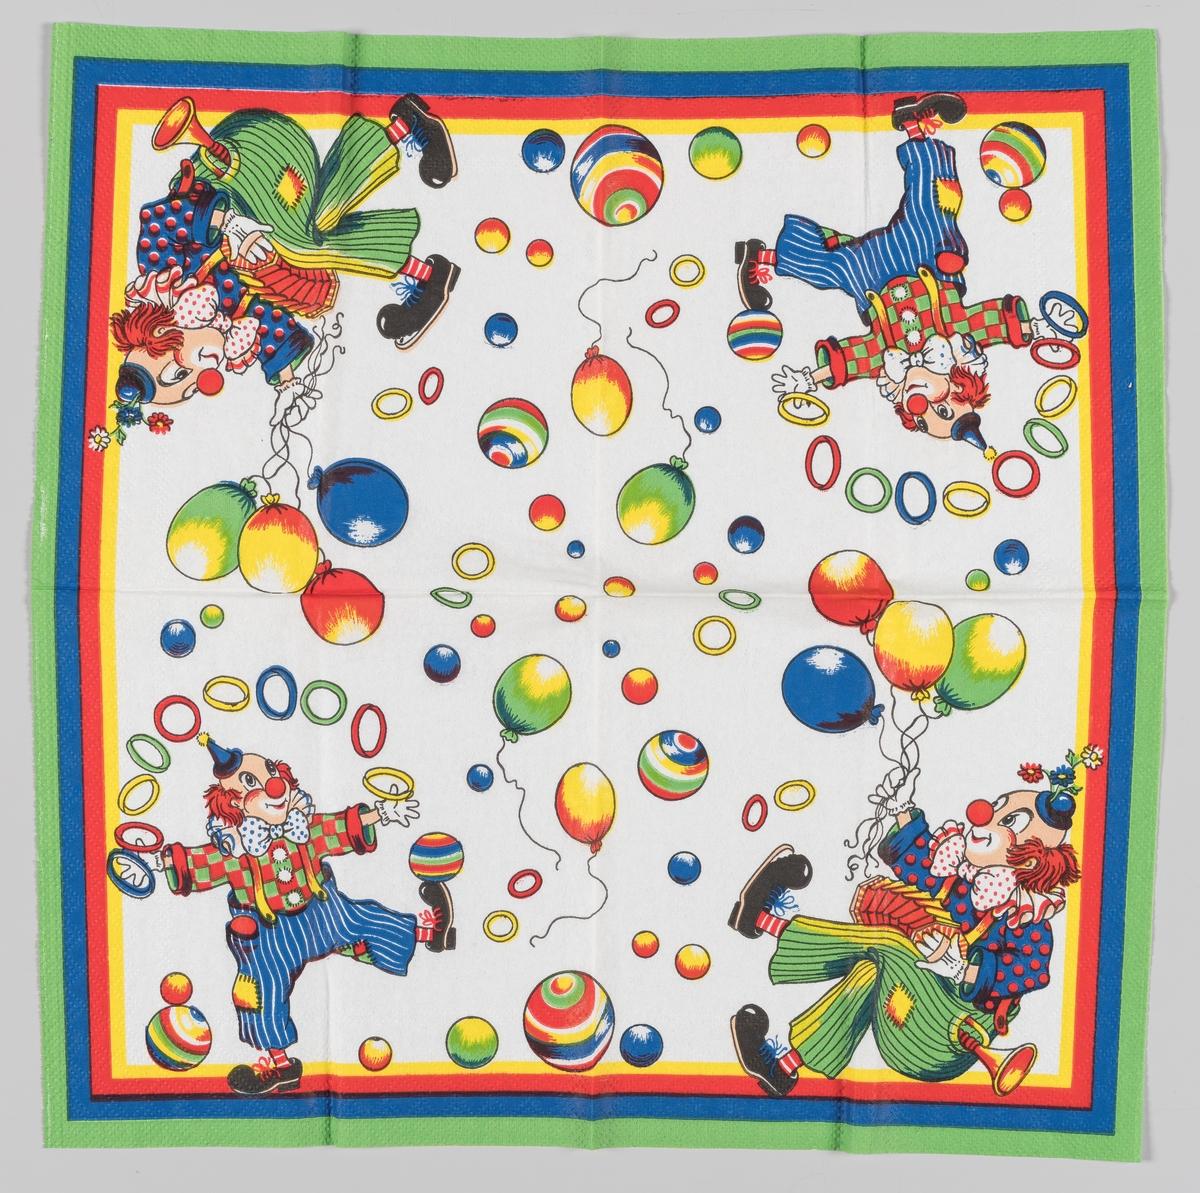 Fire klover som holder ballonger og sjonglerer med ringer omgitt av baller i mange farger